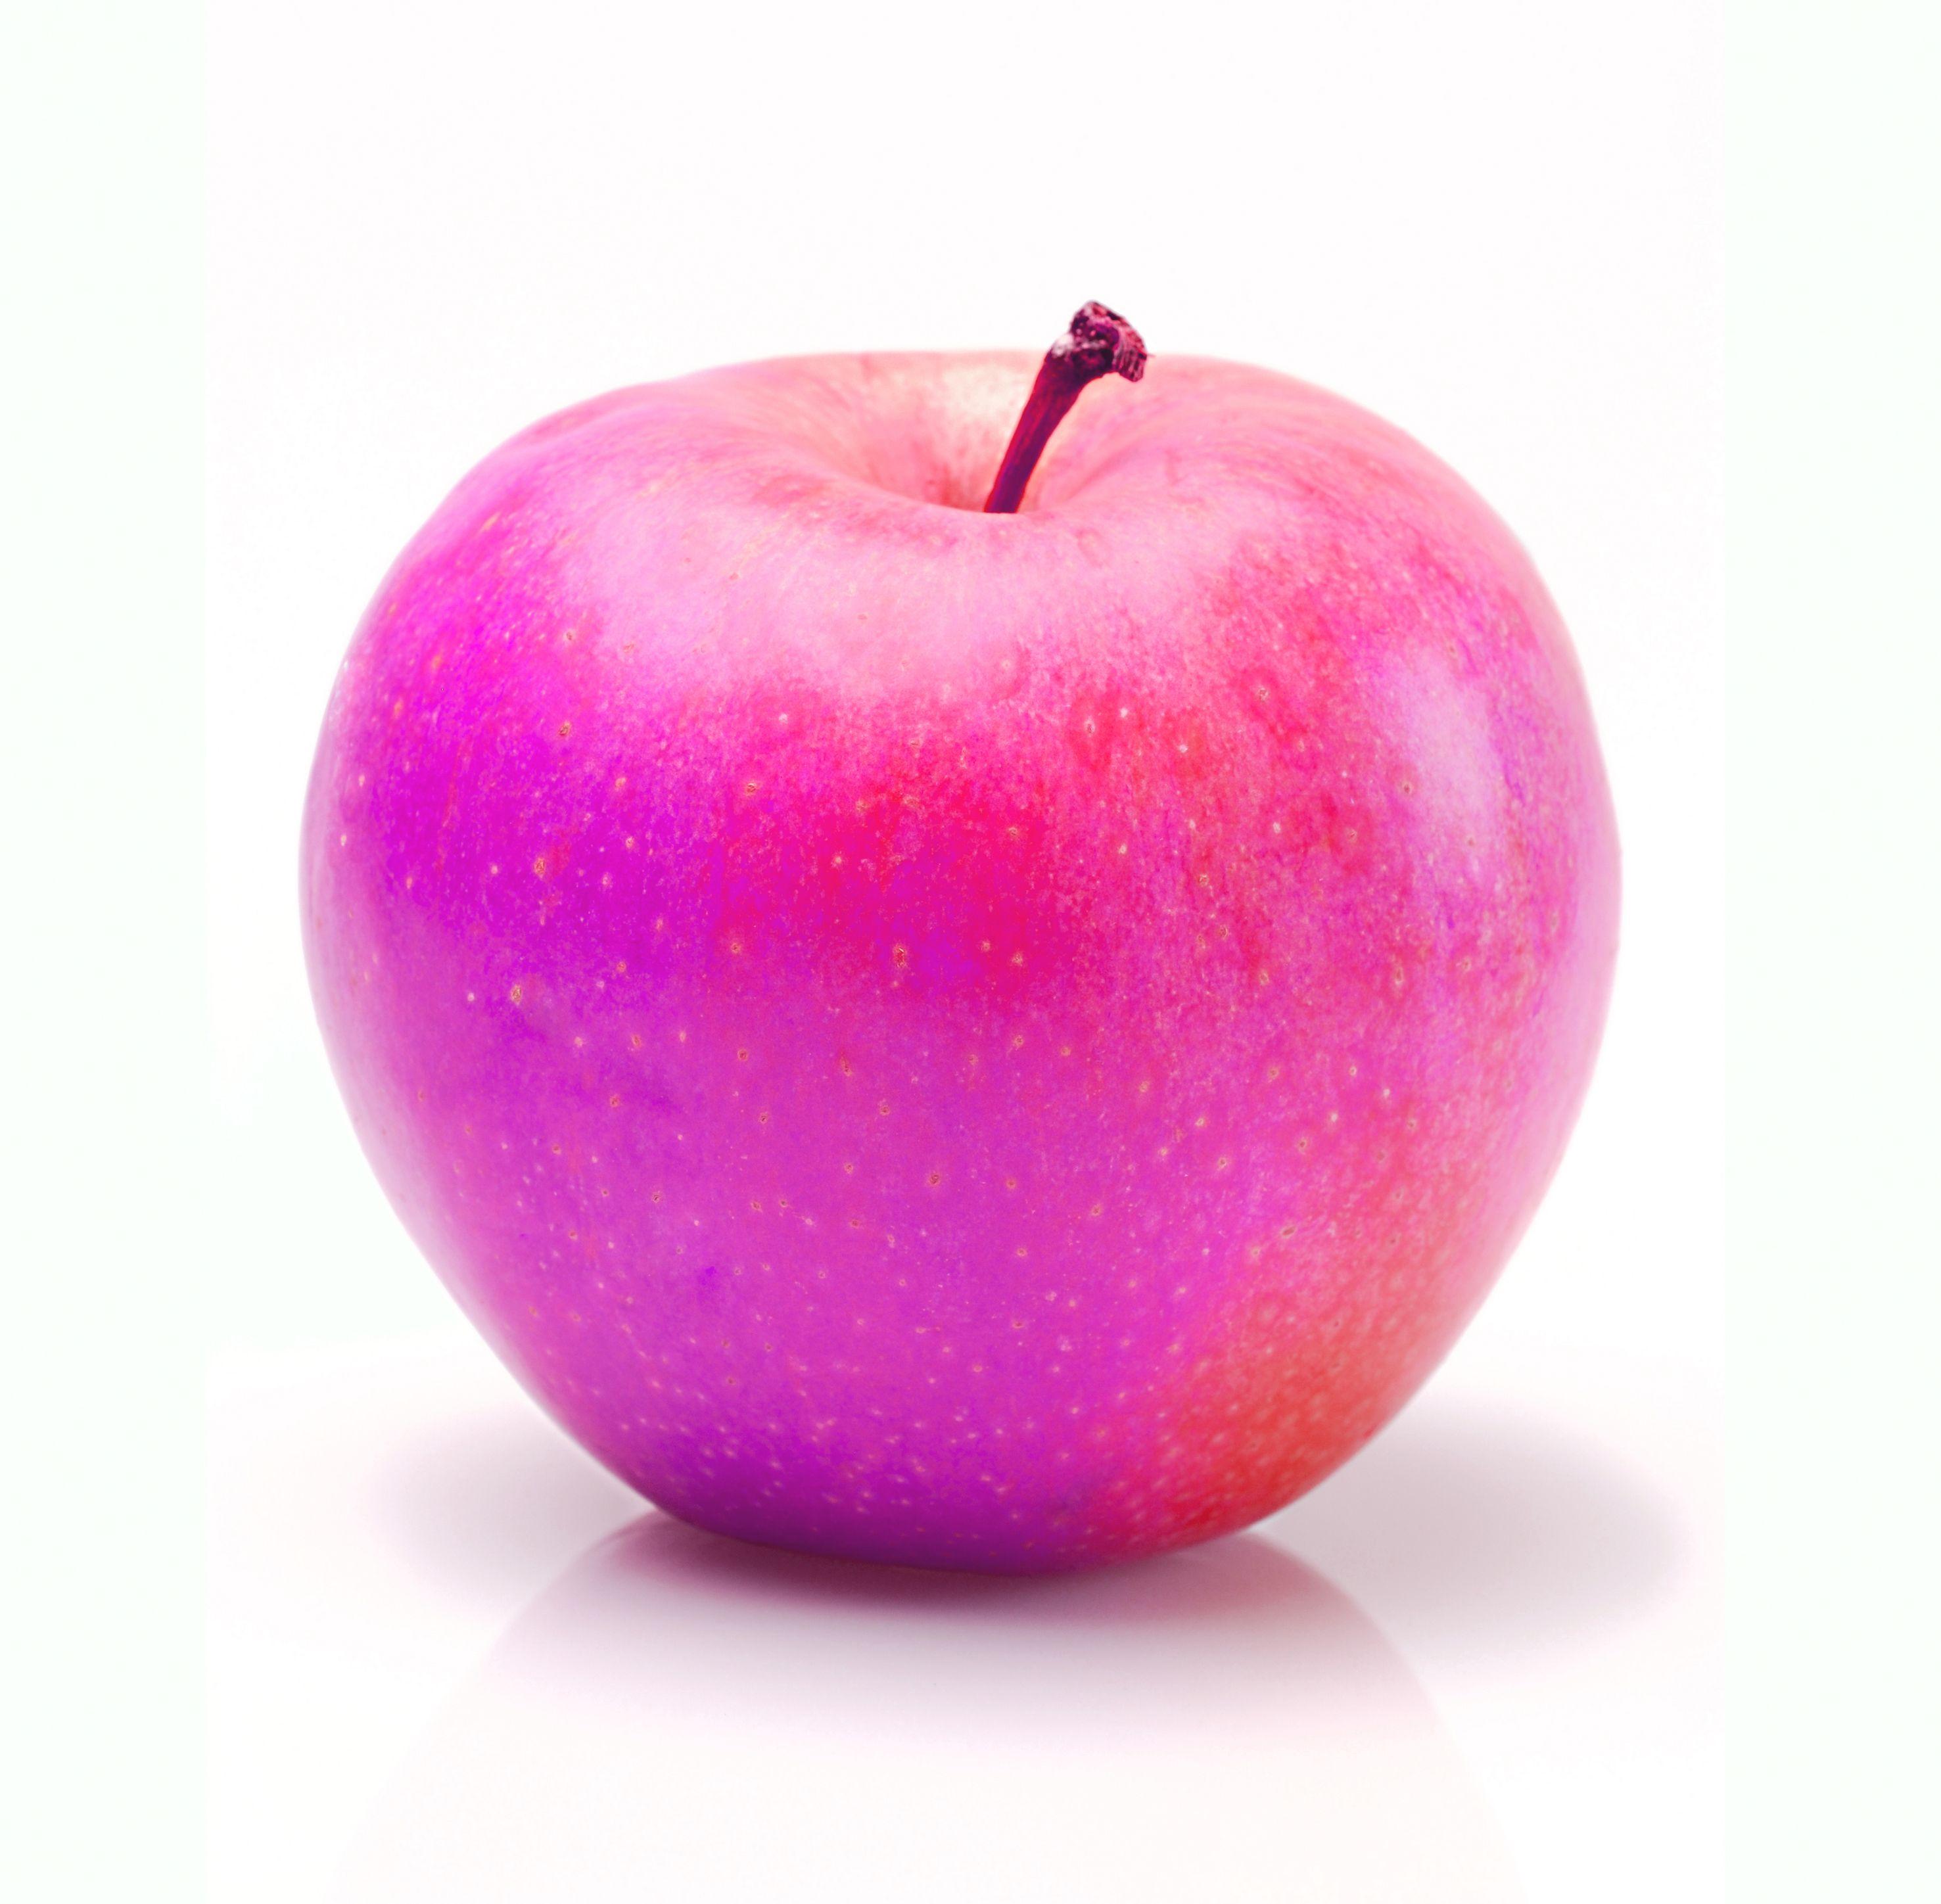 pink lady en rose clip art pink ladies apples lady rose